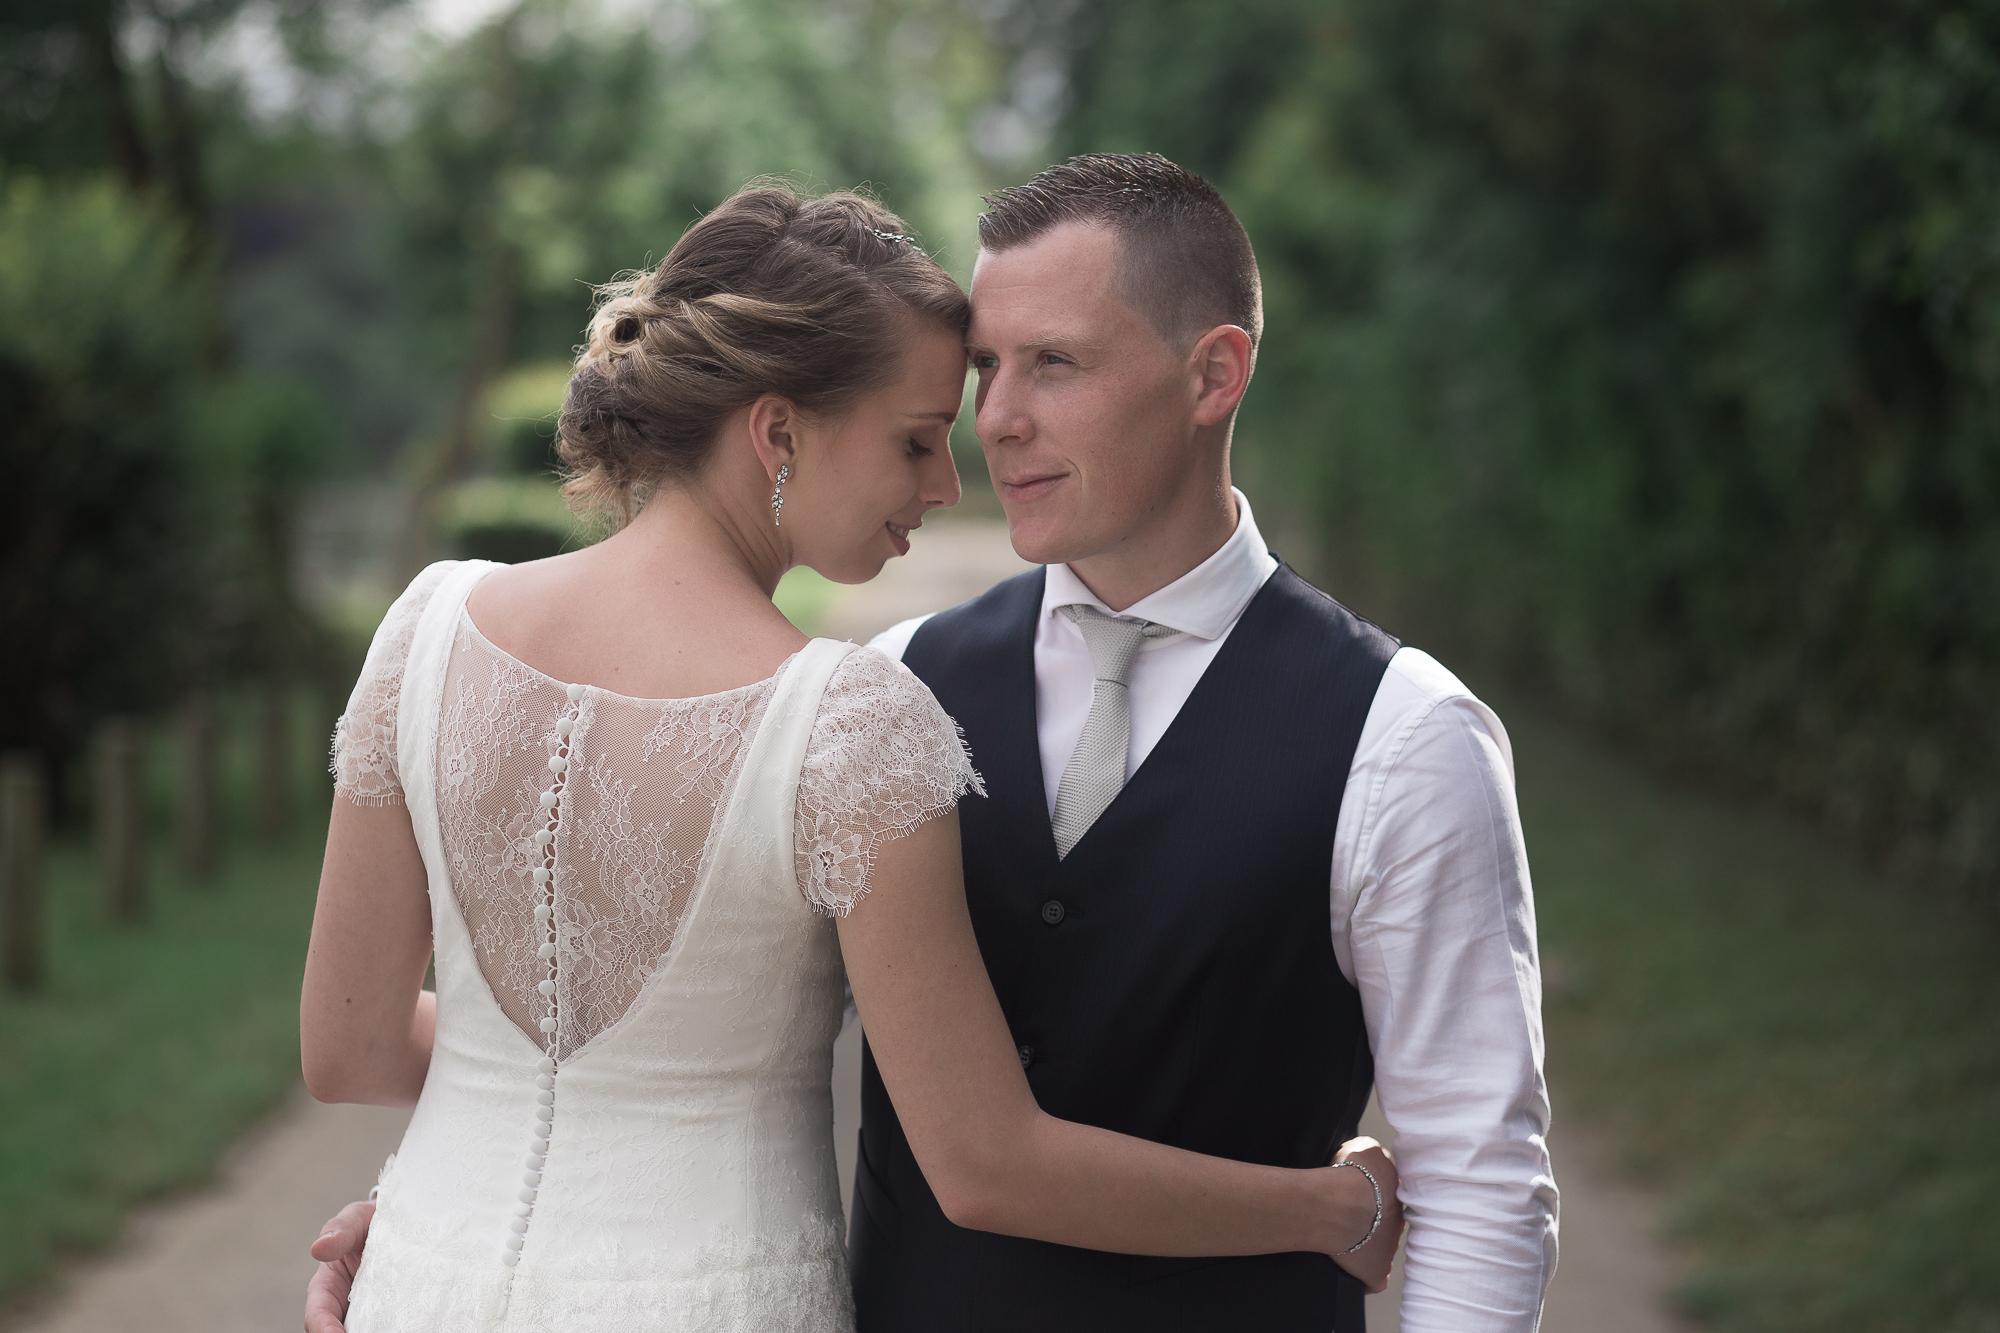 photos de couple mariage thème champêtre chic robe dentelle gilet bleu marine